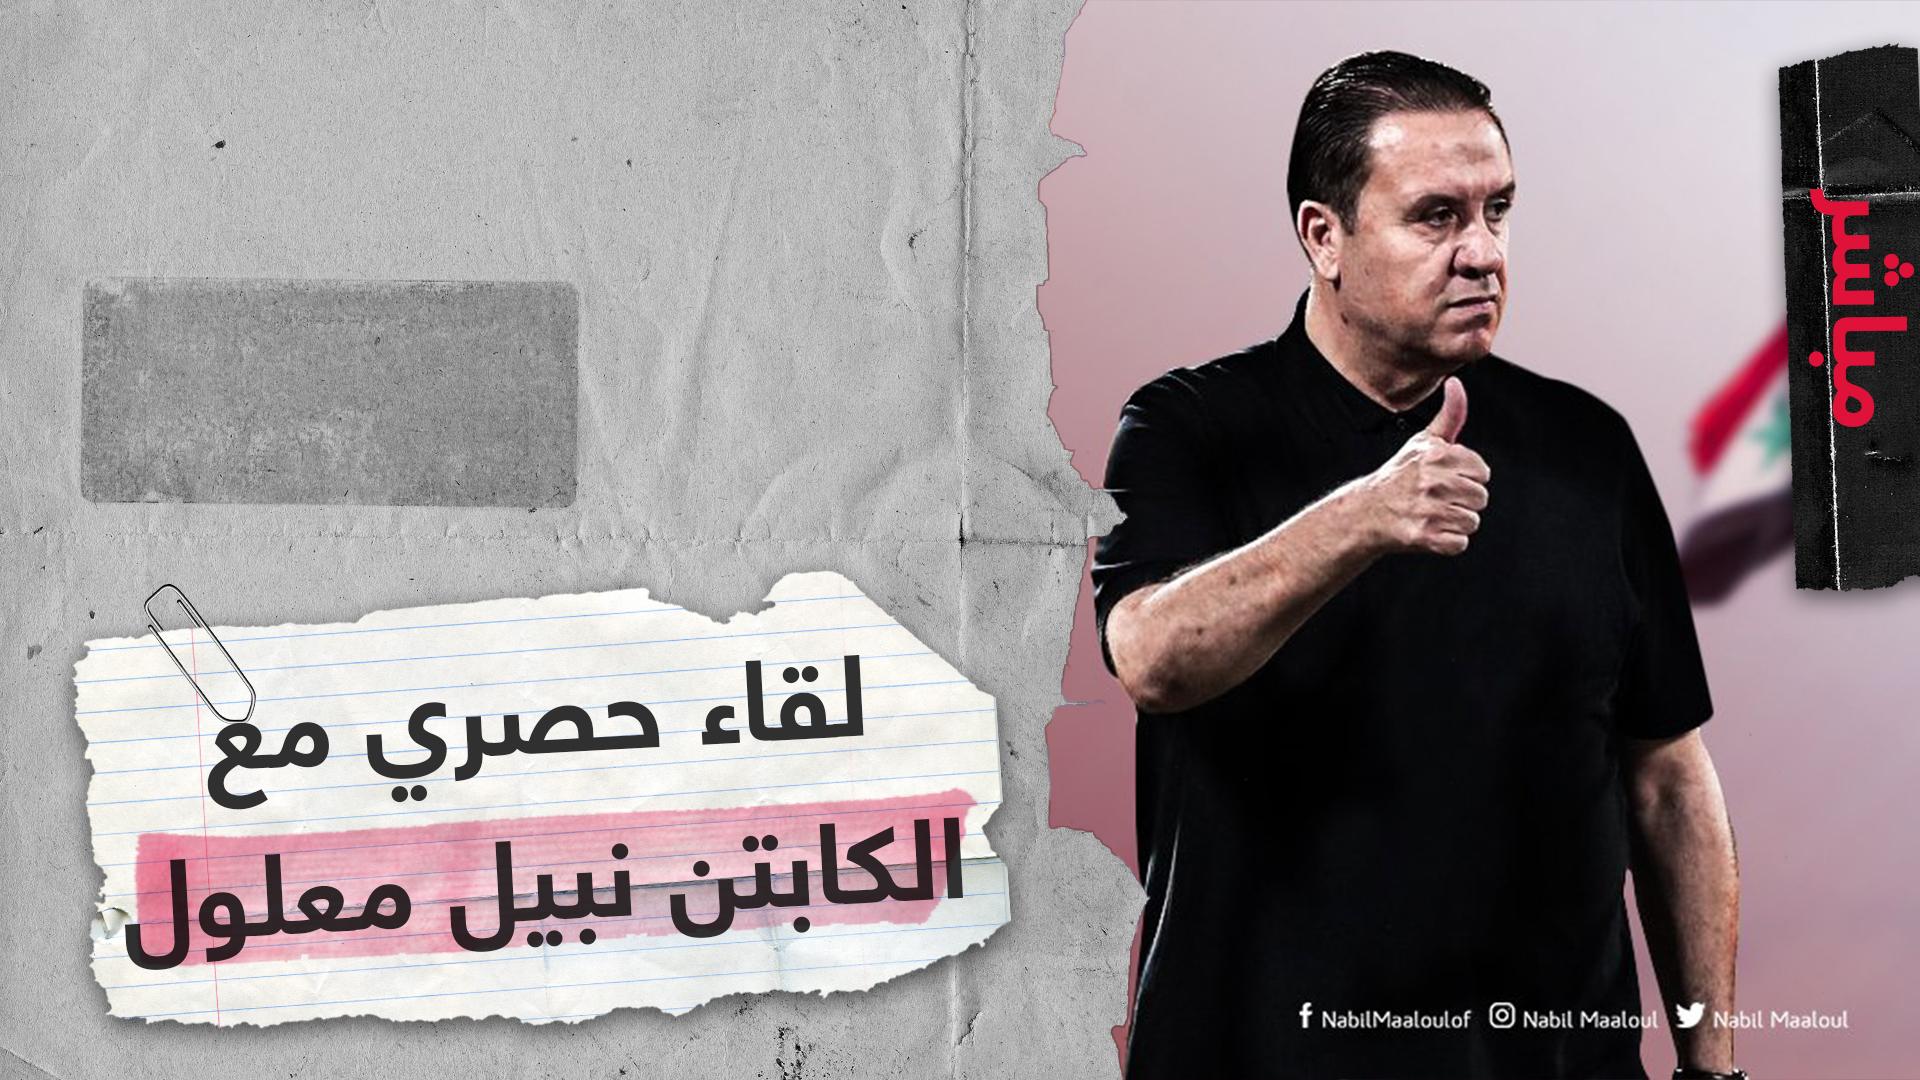 لقاء خاص مع الكابتن نبيل معلول المدير الفني للمنتخب السوري لكرة القدم